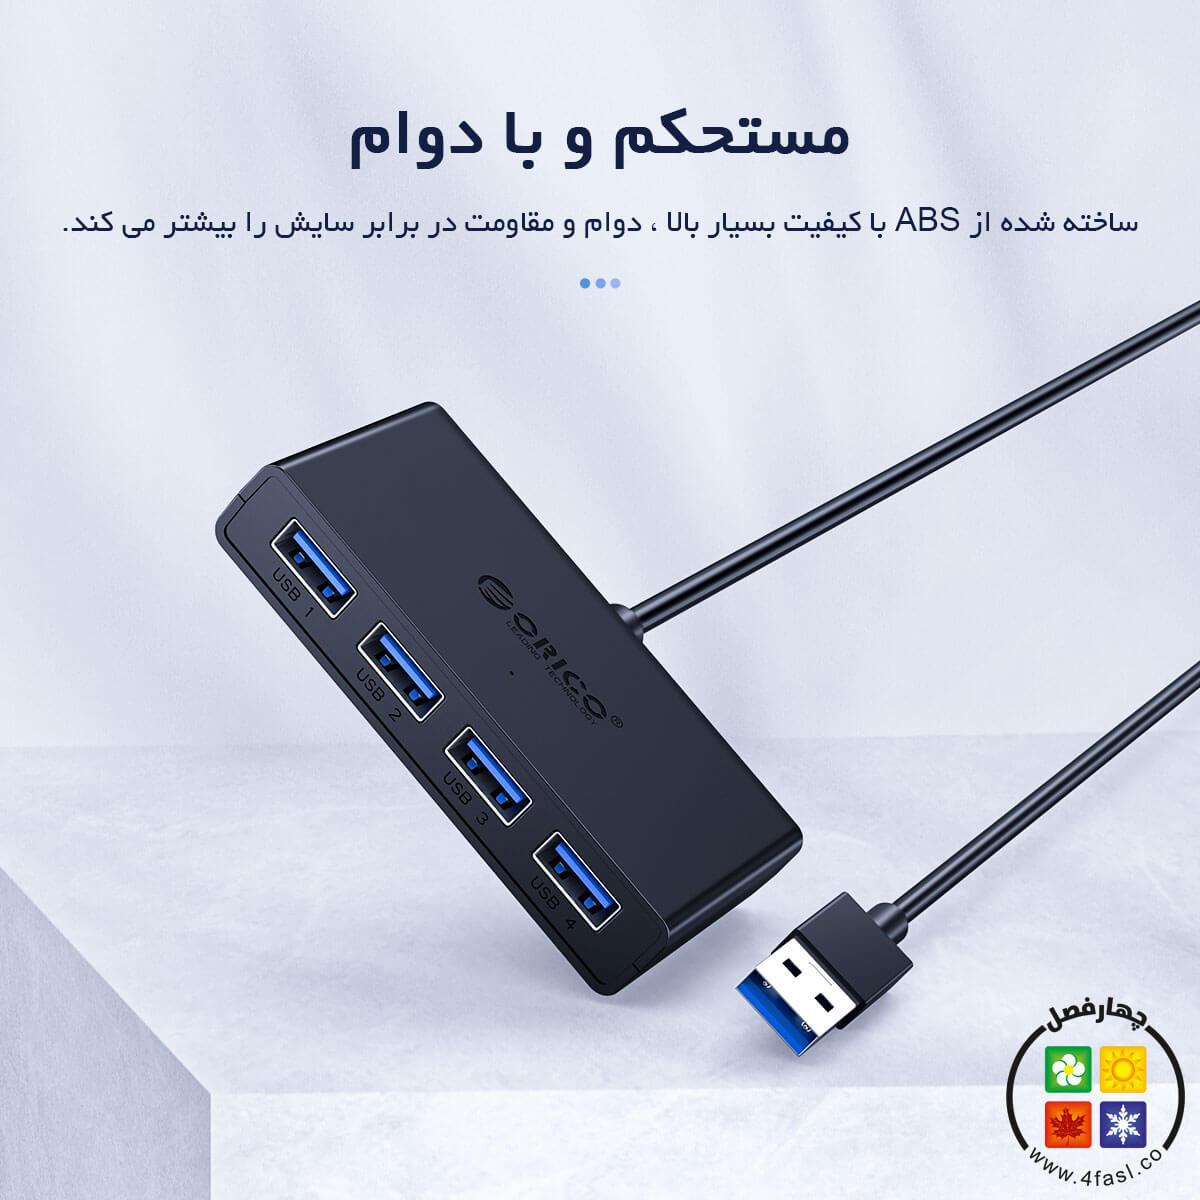 هاب 4 پورت USB3.0 کوچک